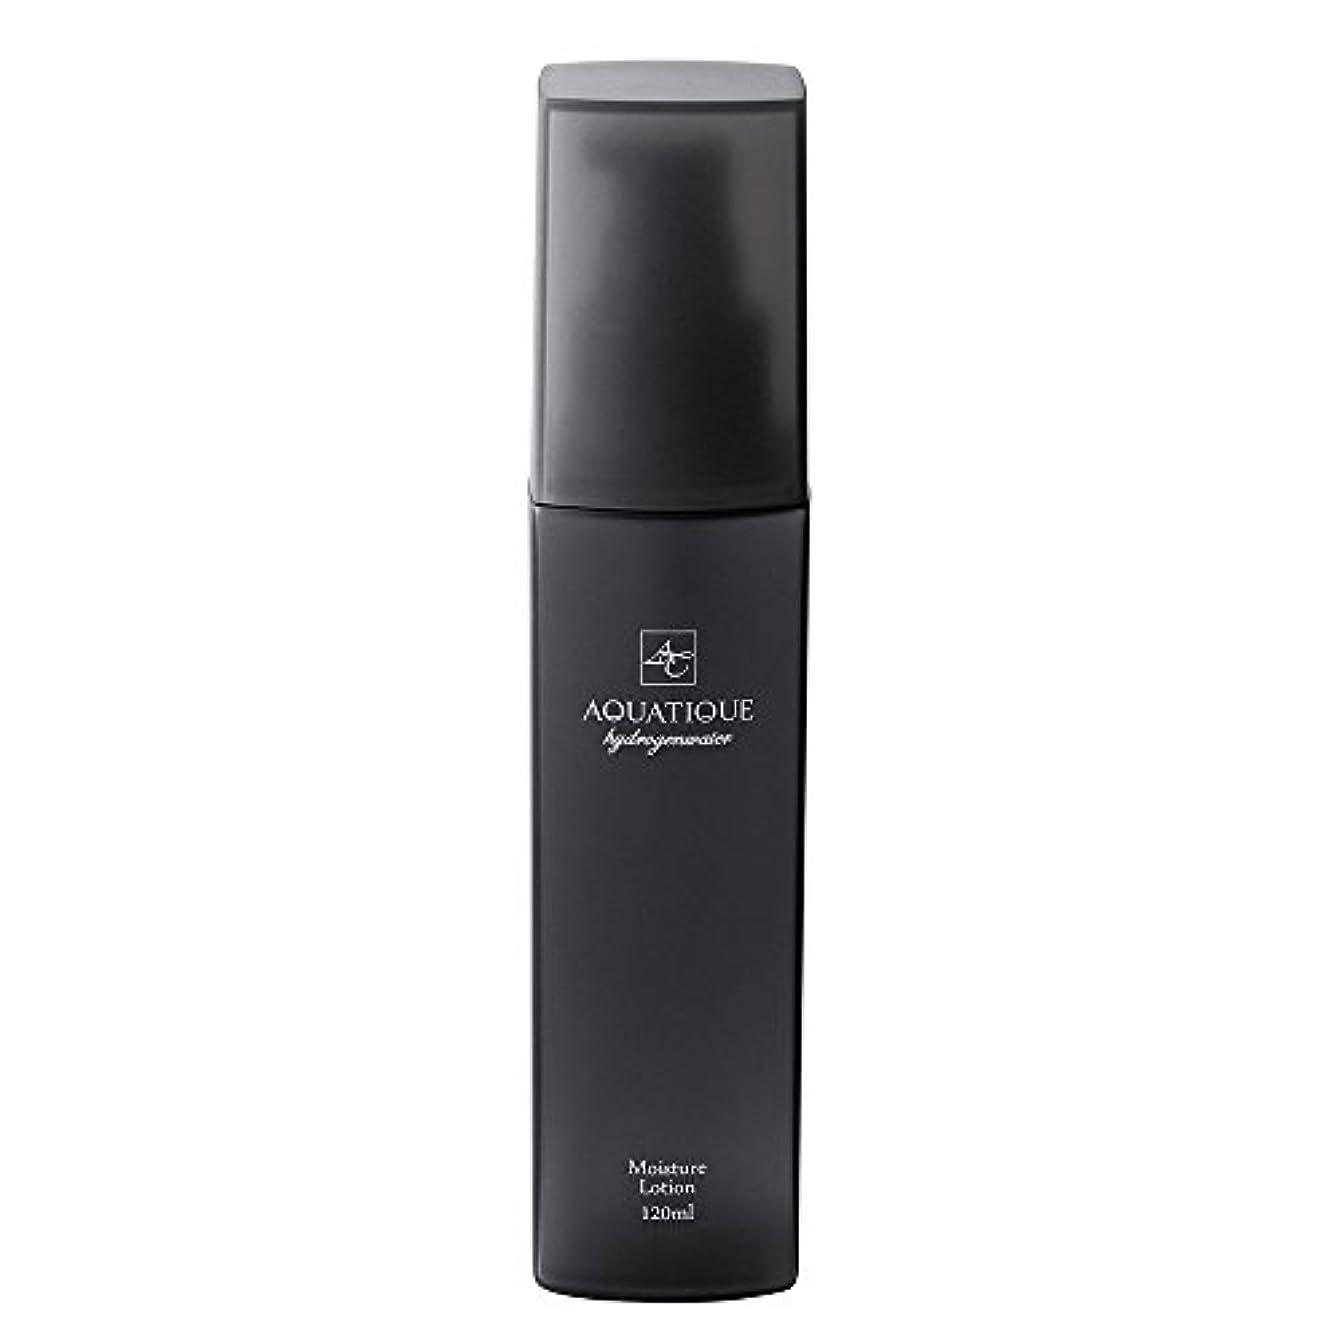 酔う縮れた追加する水素化粧水 アクアティーク モイスチャーローション 120ml (化粧水)